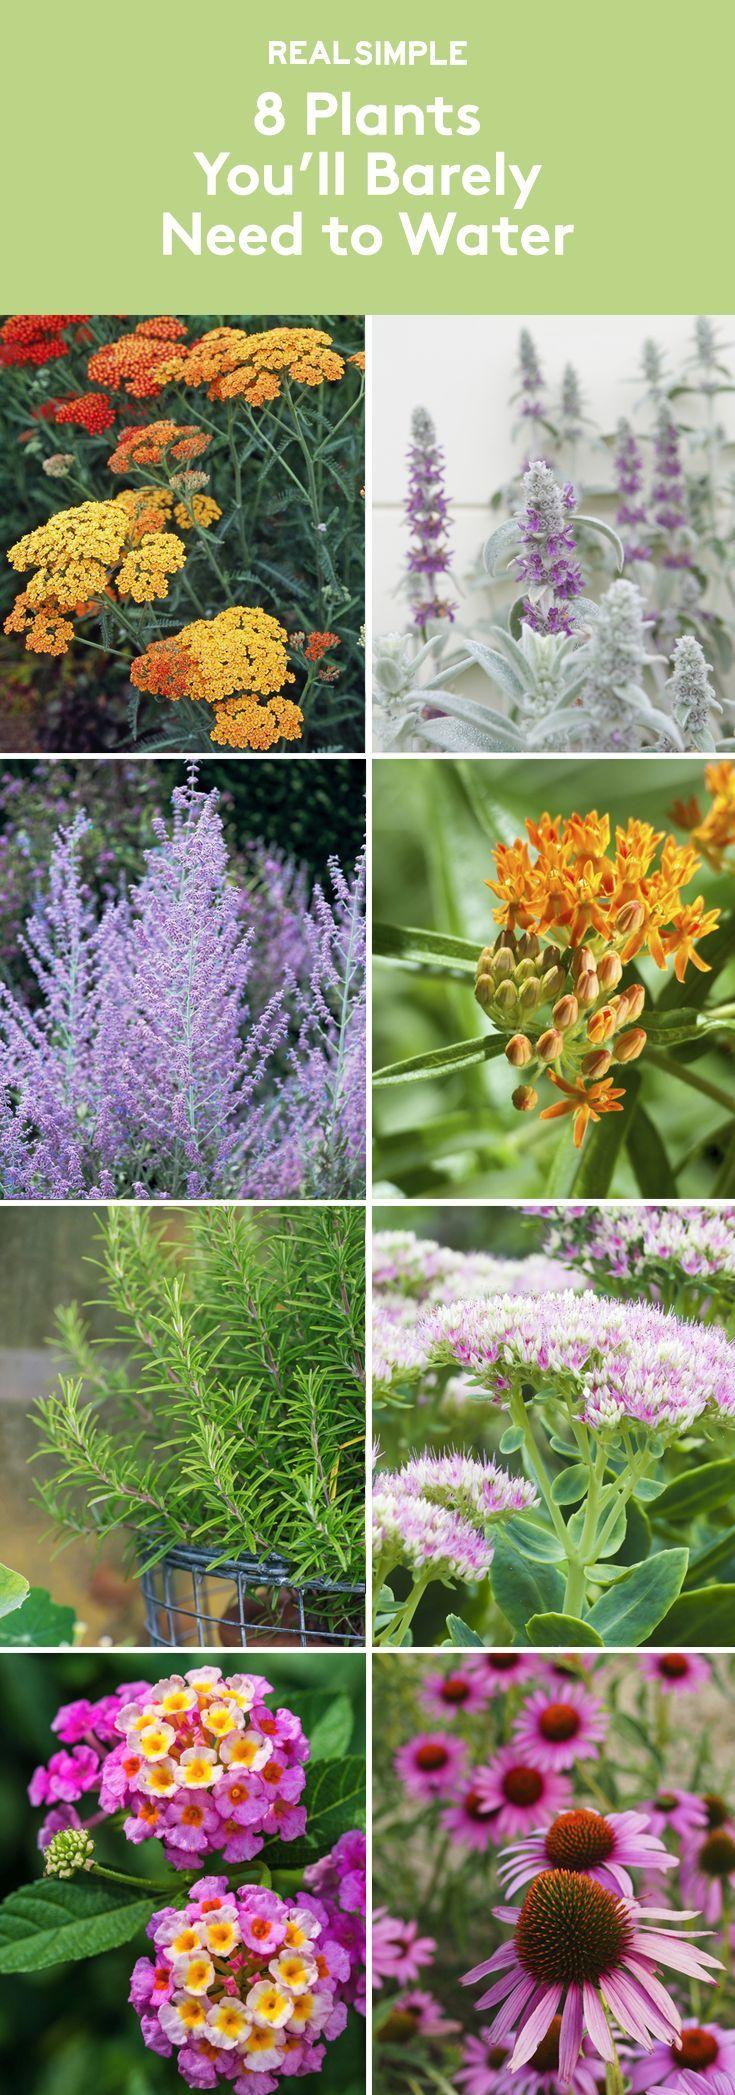 25+ Best Ideas About Drought Tolerant Plants On Pinterest